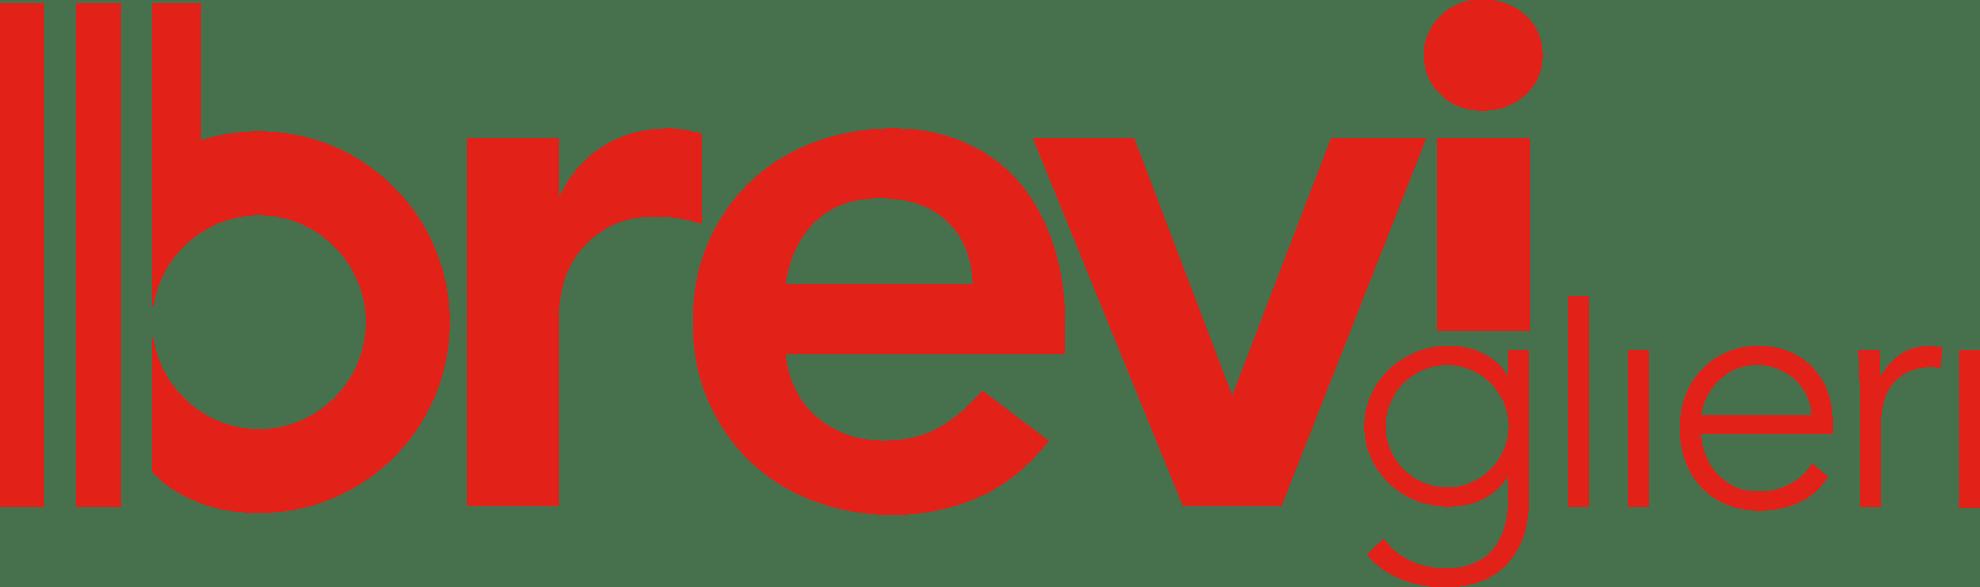 brevigleri Logo